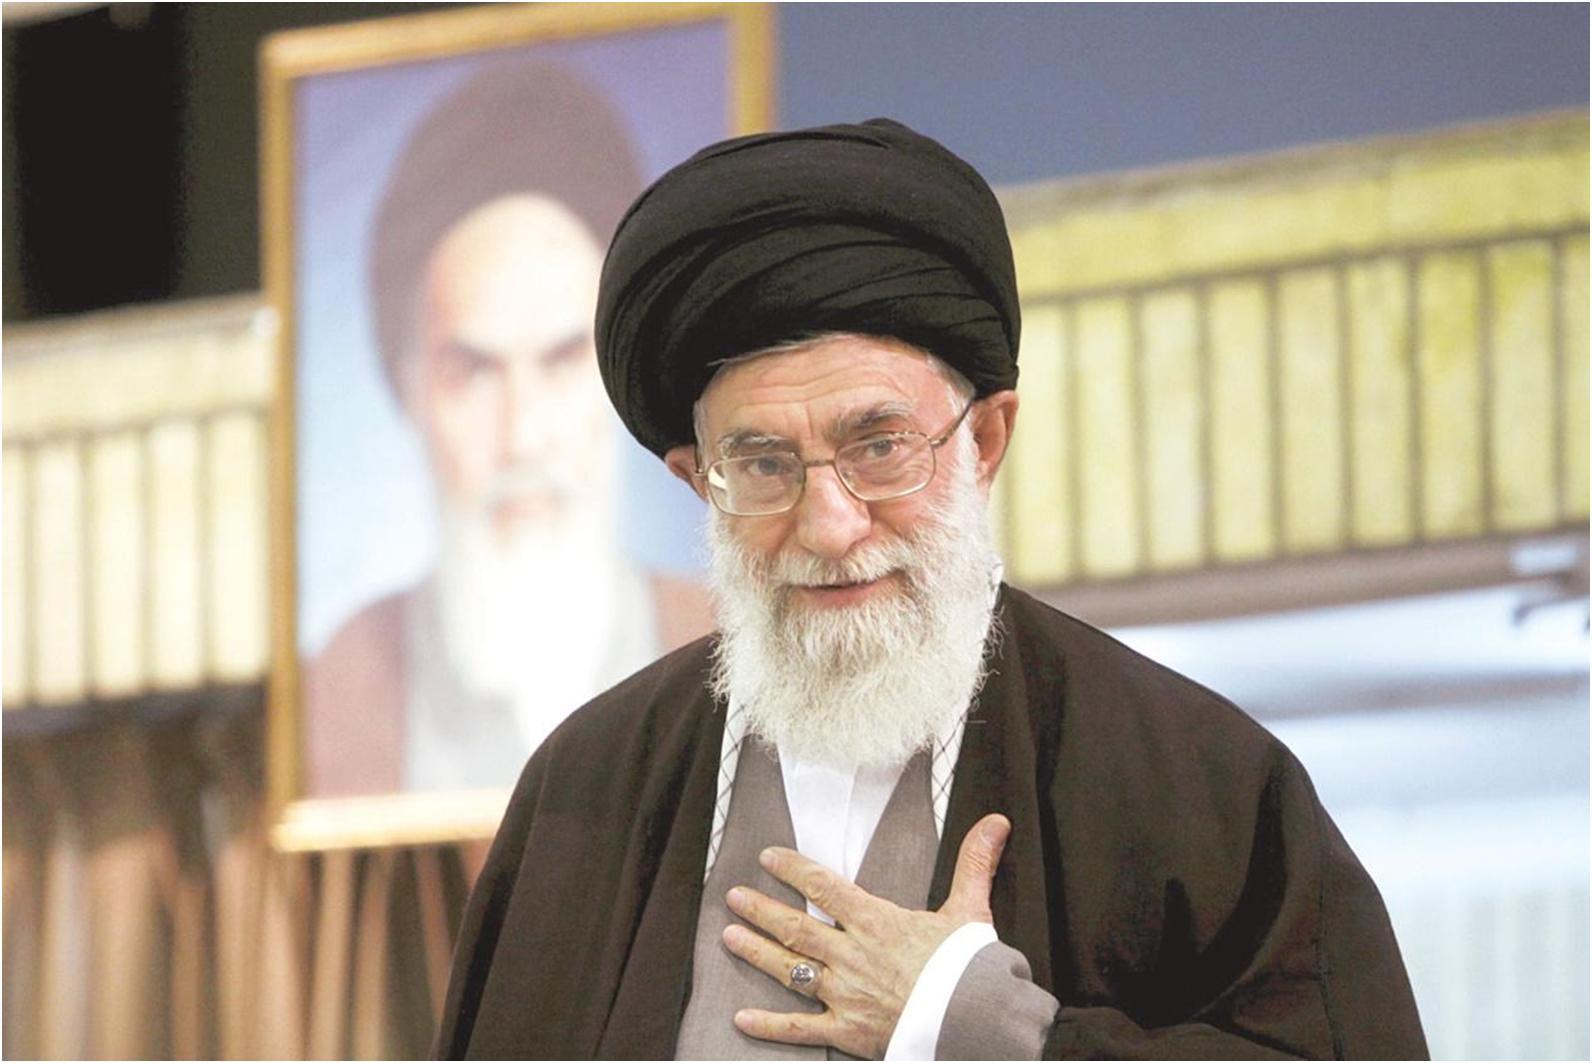 إيران، المرشد الأعلى، على خامنئي